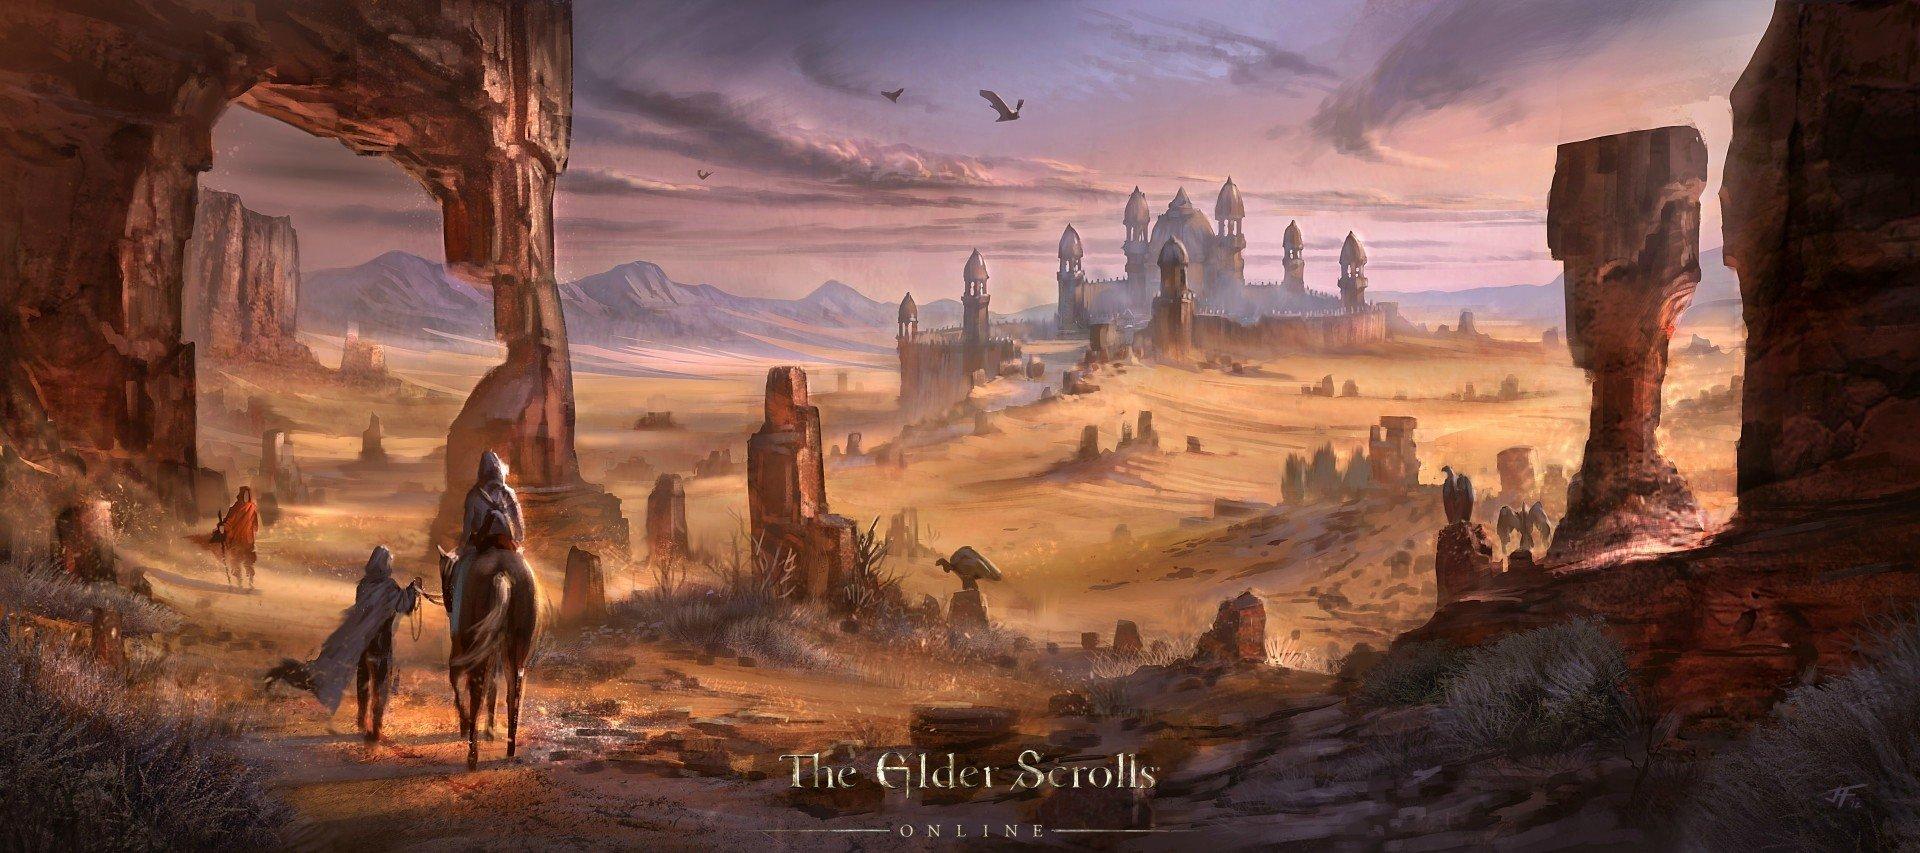 Приглашения в закрытую бету The Elder Scrolls Online разошлют в конце месяца - Изображение 1